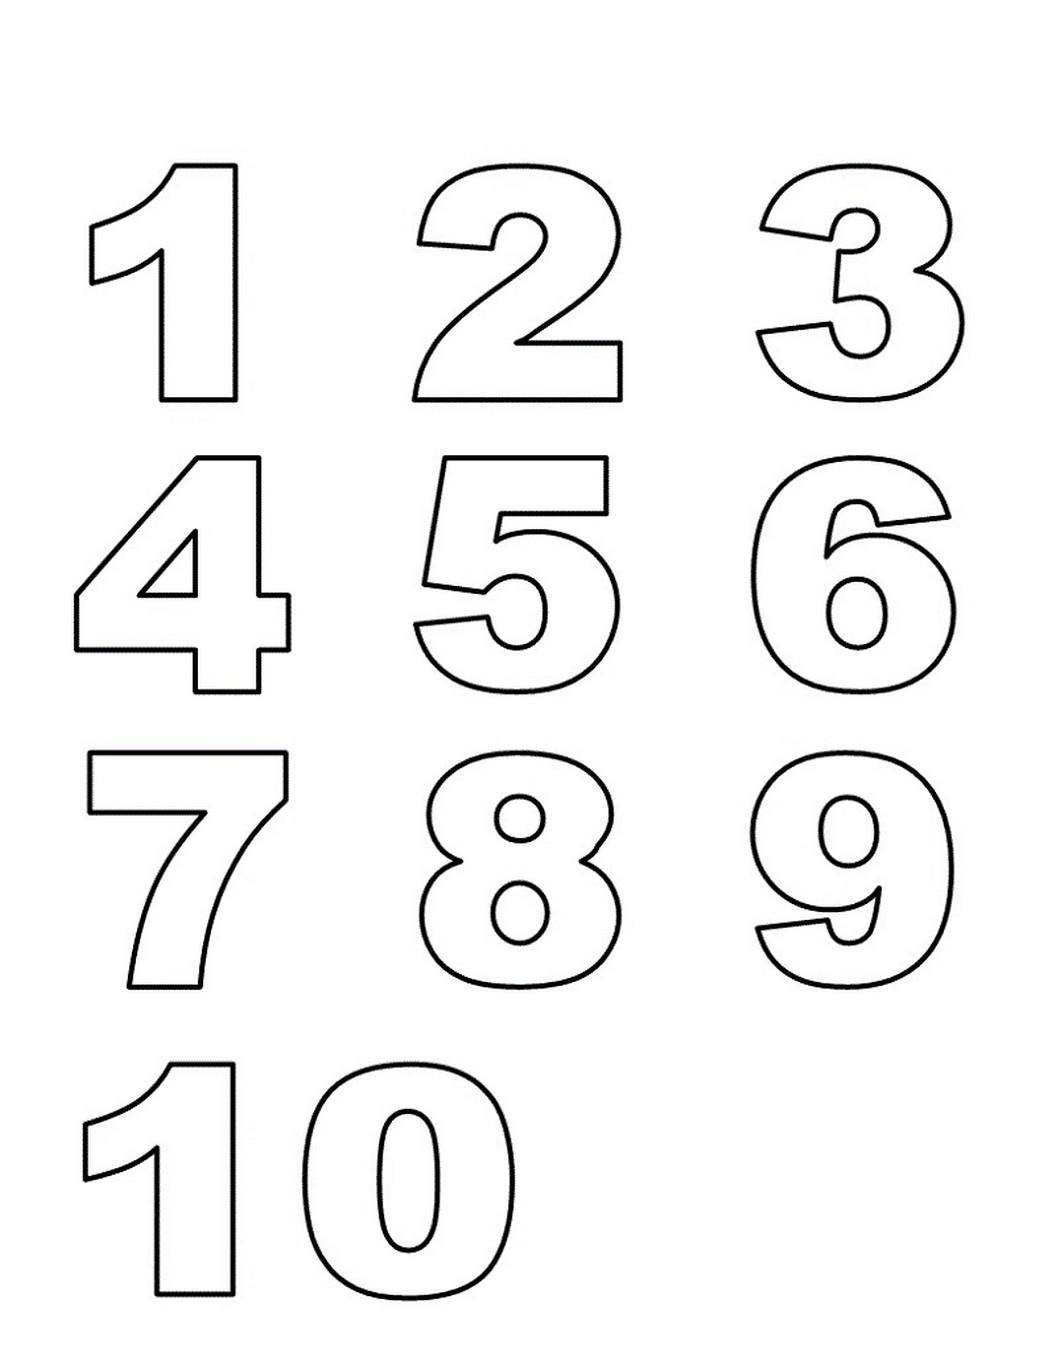 free numbers 1-10 list